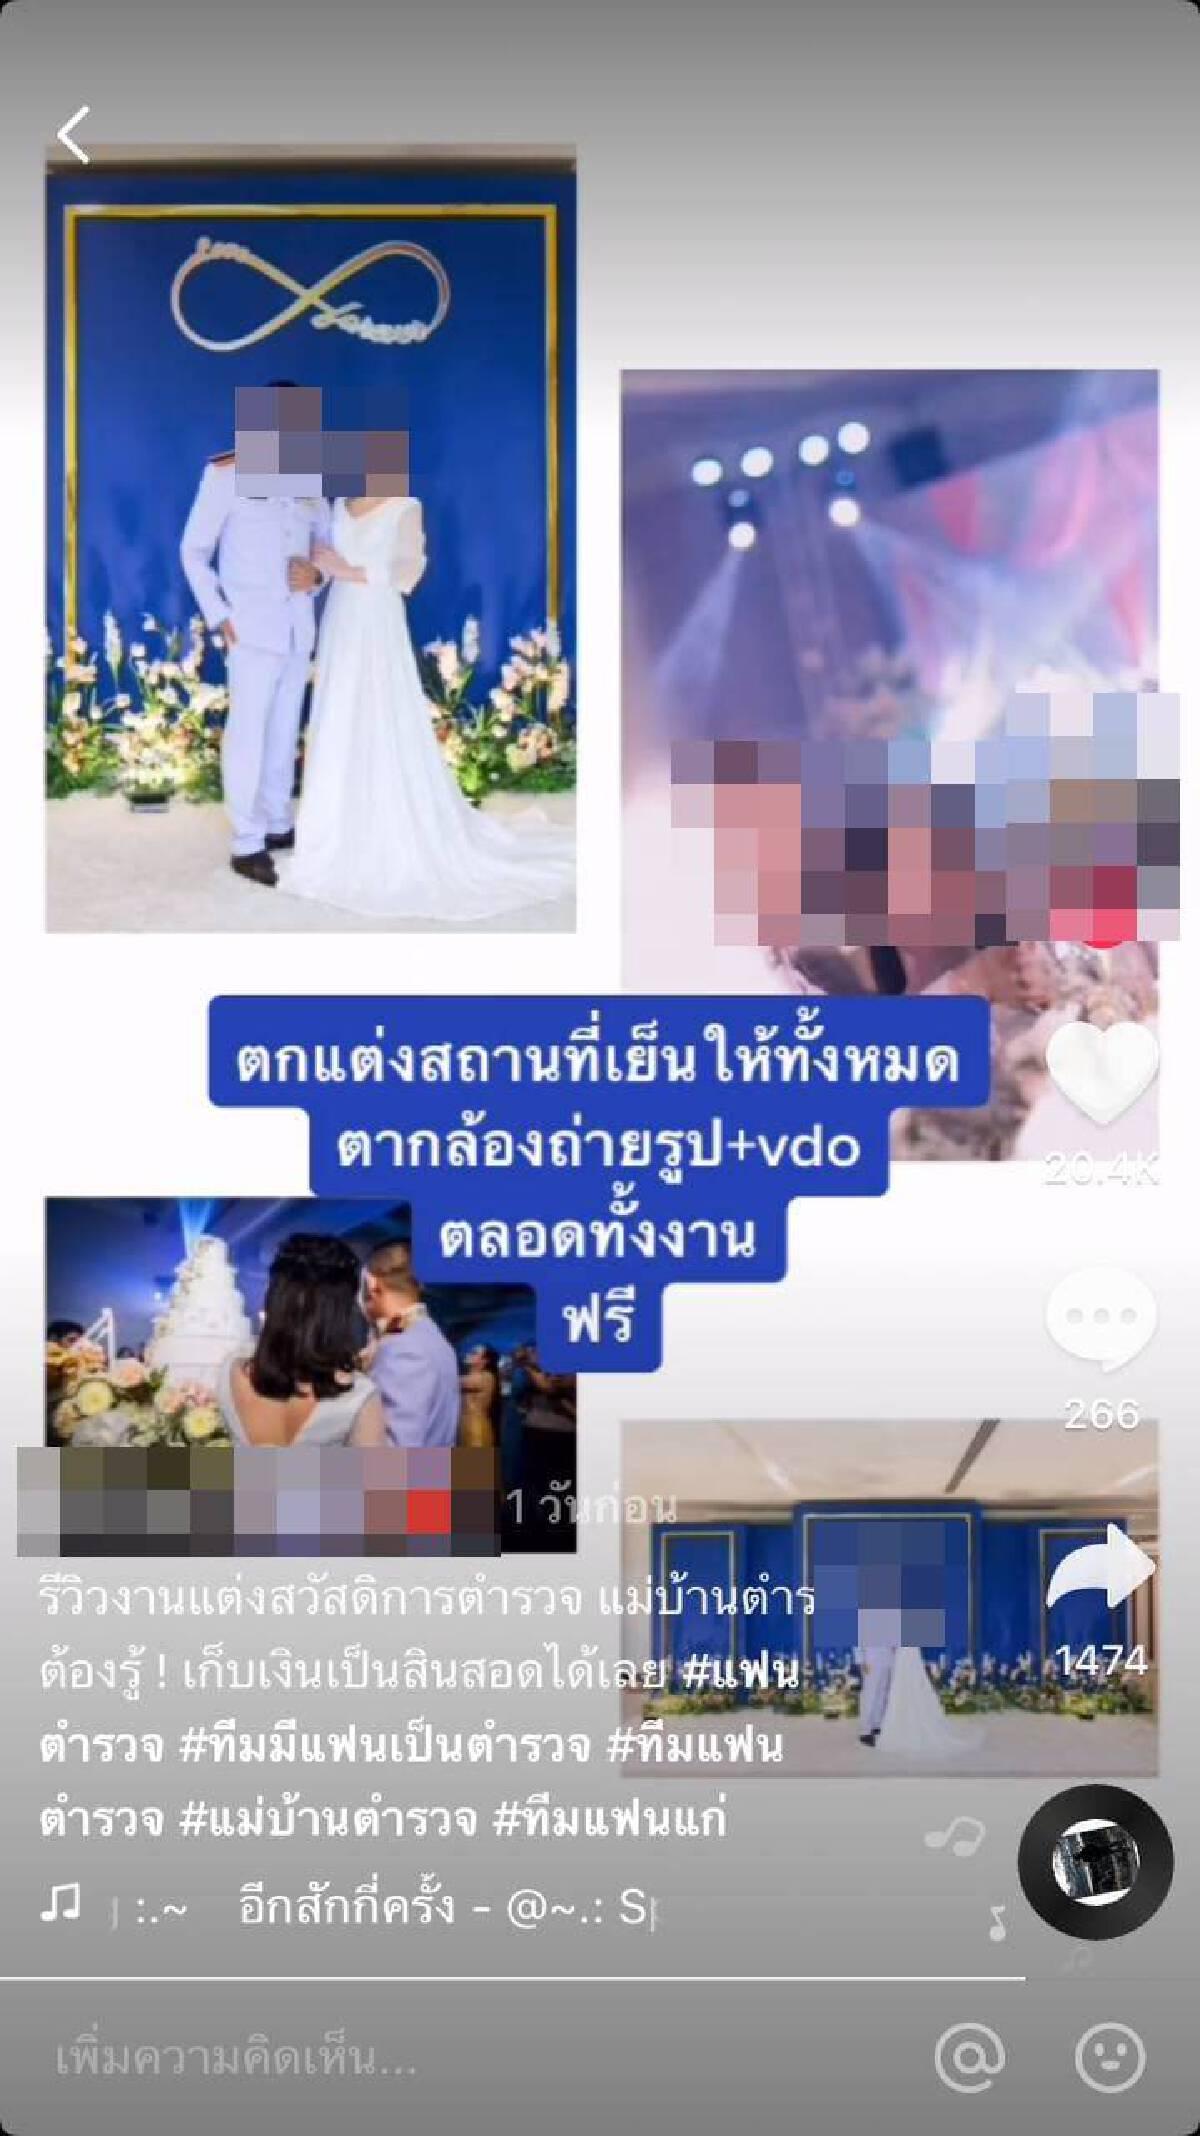 สวัสดิการแต่งงานตำรวจ จัดใหญ่ให้ฟรีทั้งงาน แถมเงินขวัญถุง ทำชวนสงสัย